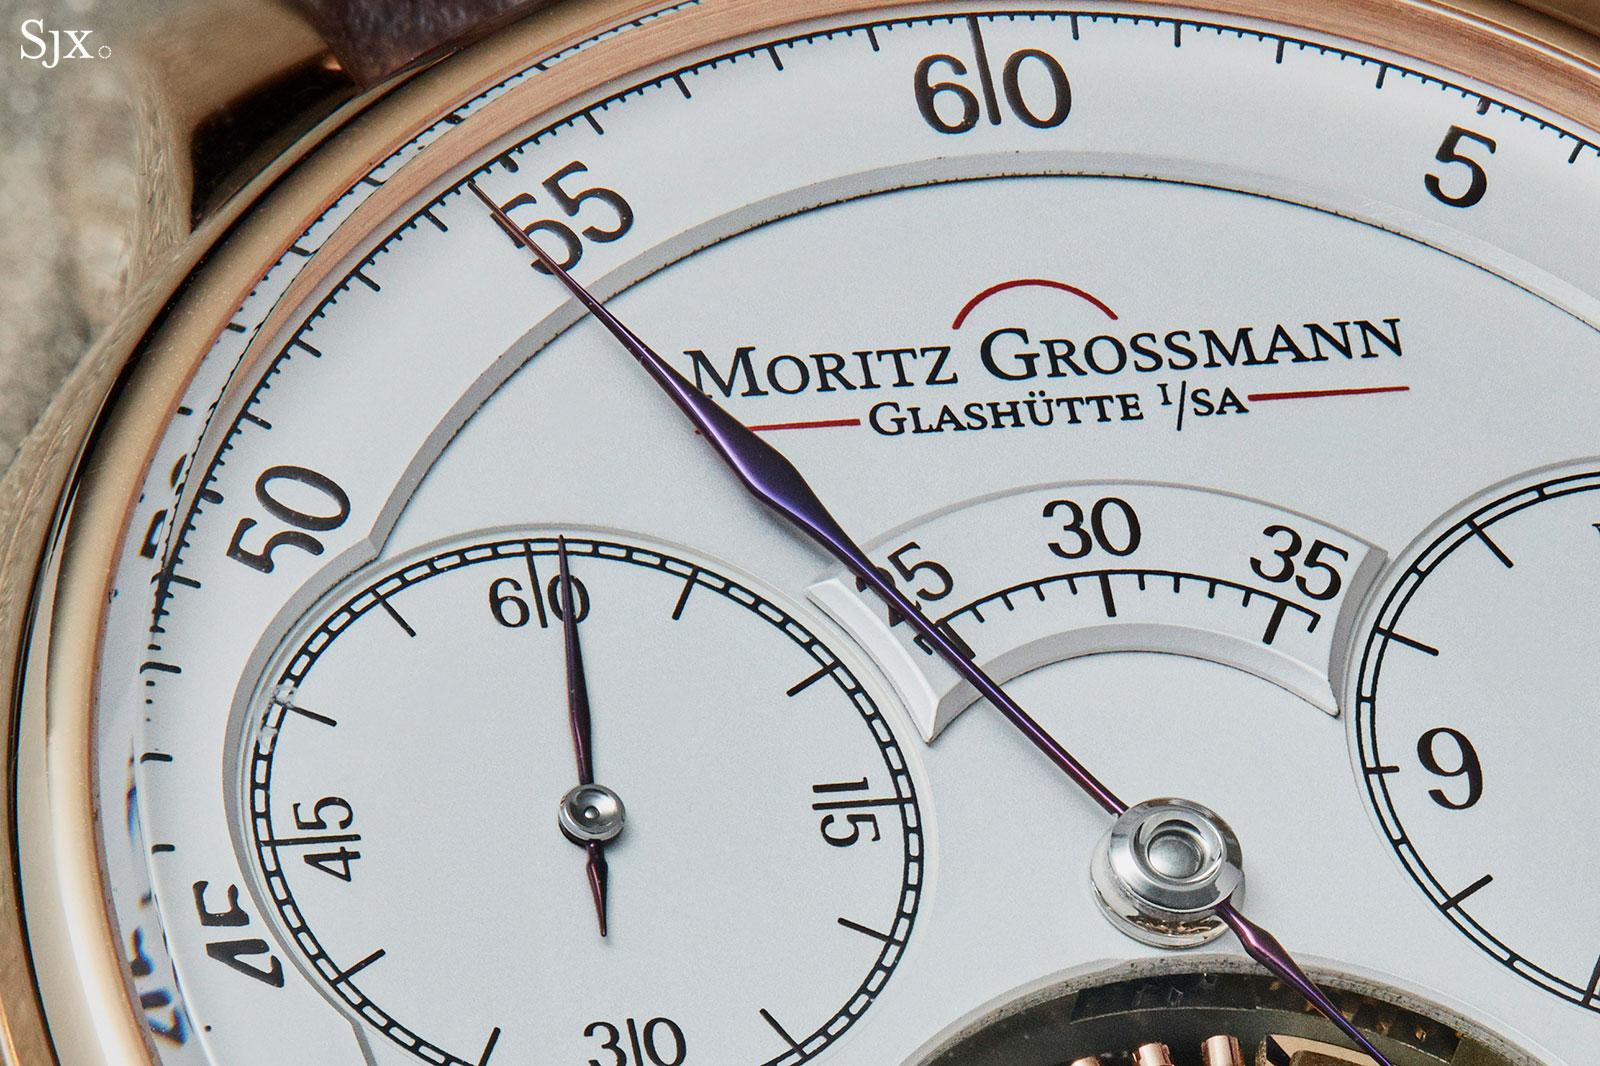 Moritz Grossmann Benu tourbillon rose gold 3